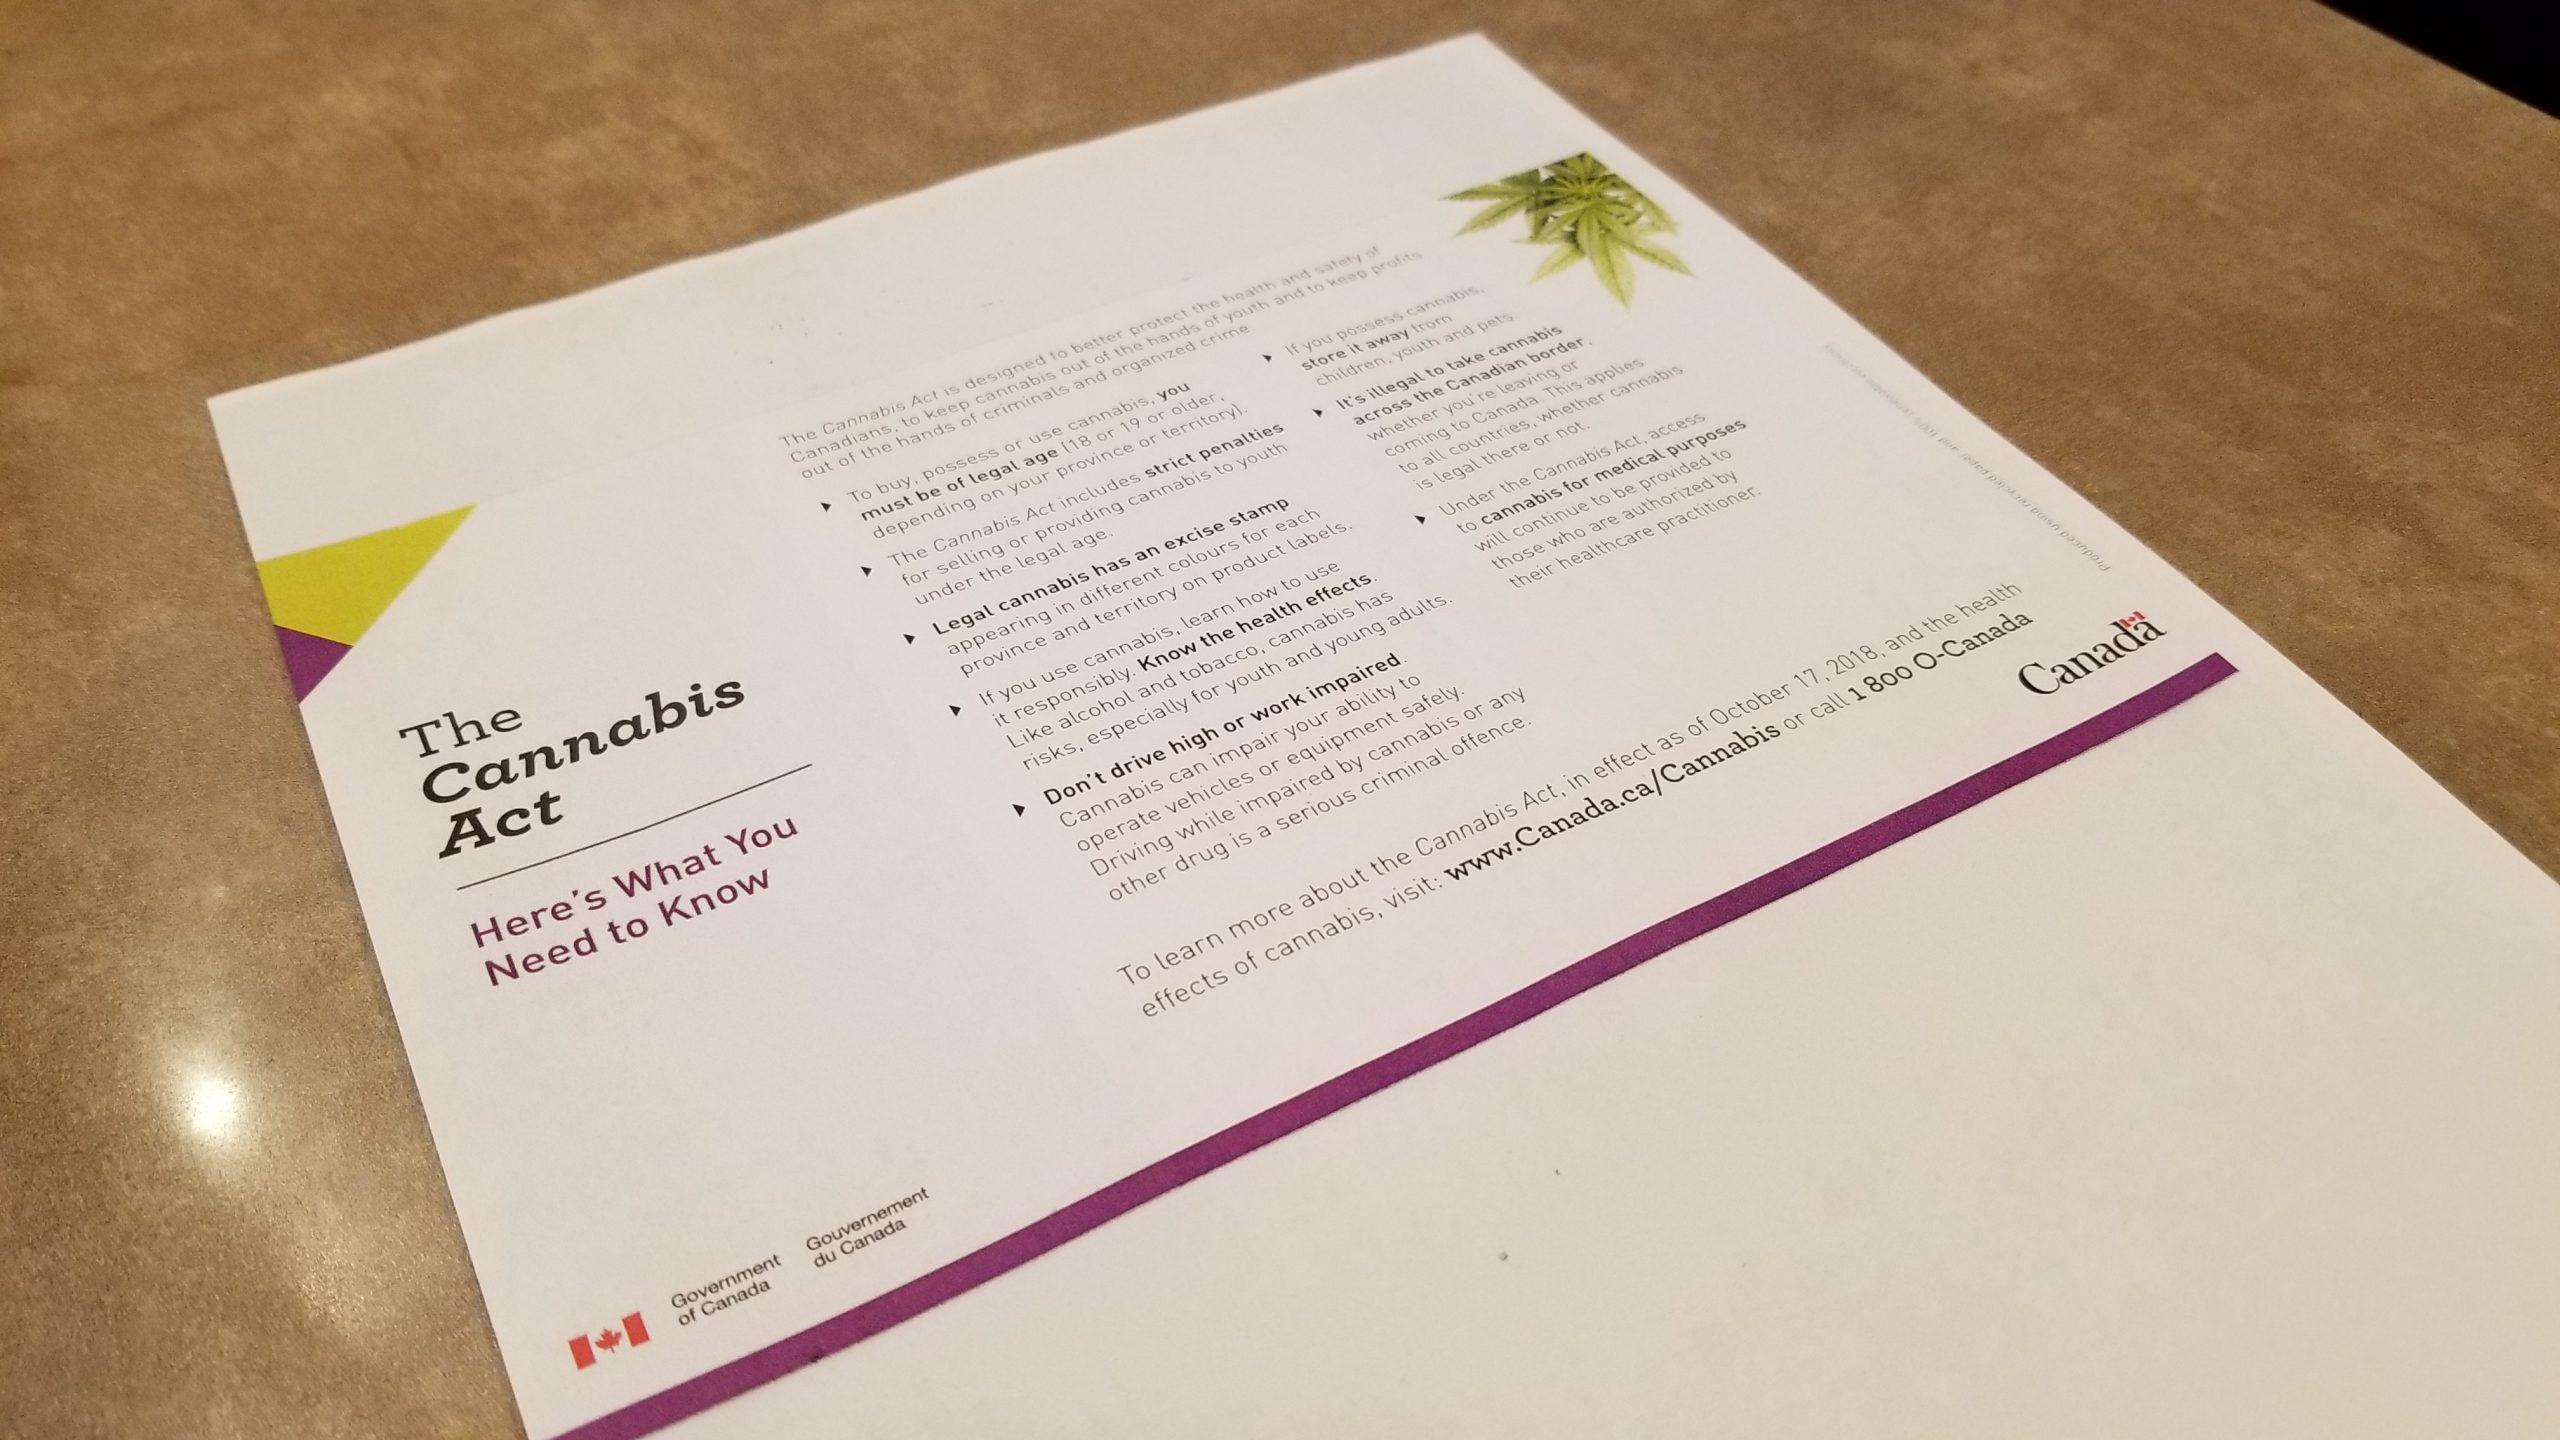 Recreational Marijuana Legal Today